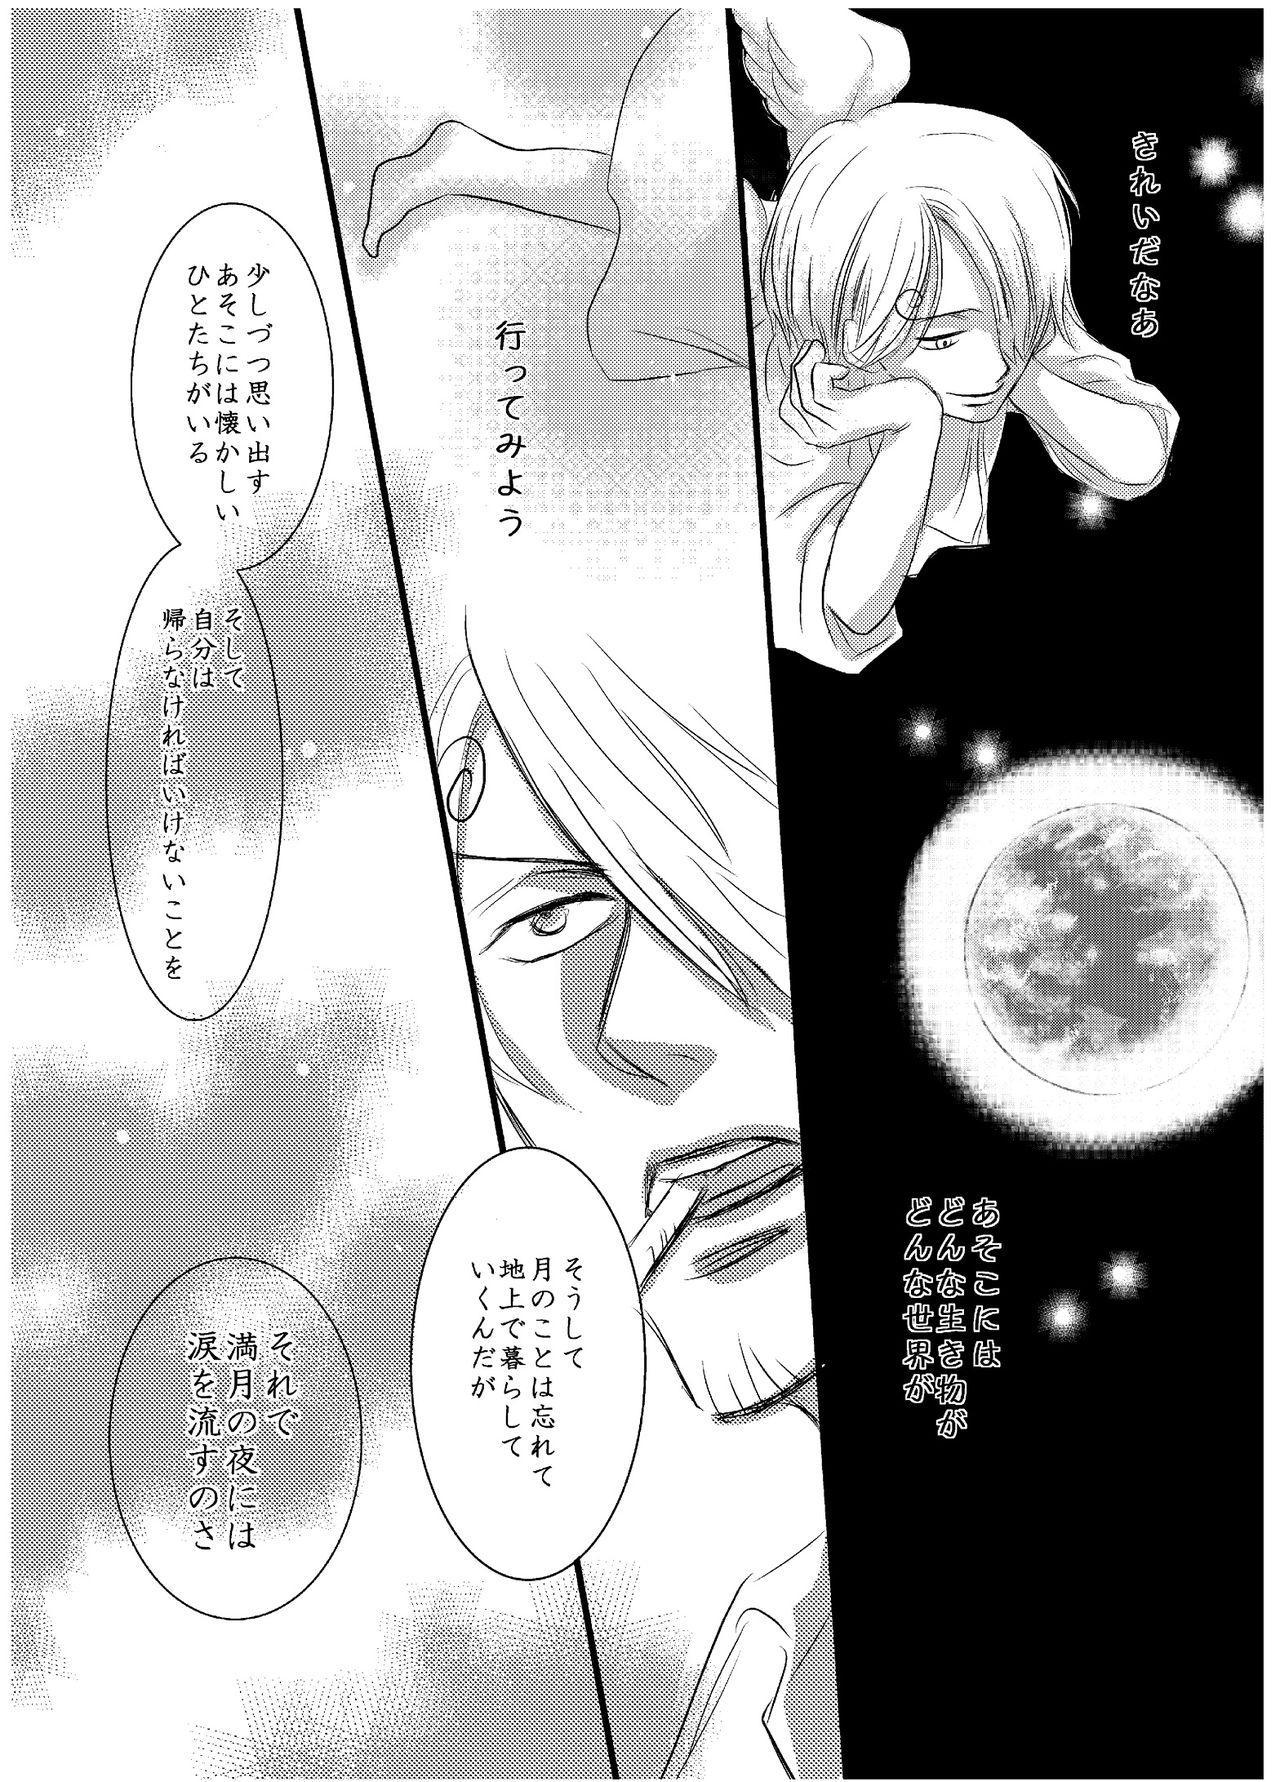 Inryoku de Hanasanai 8